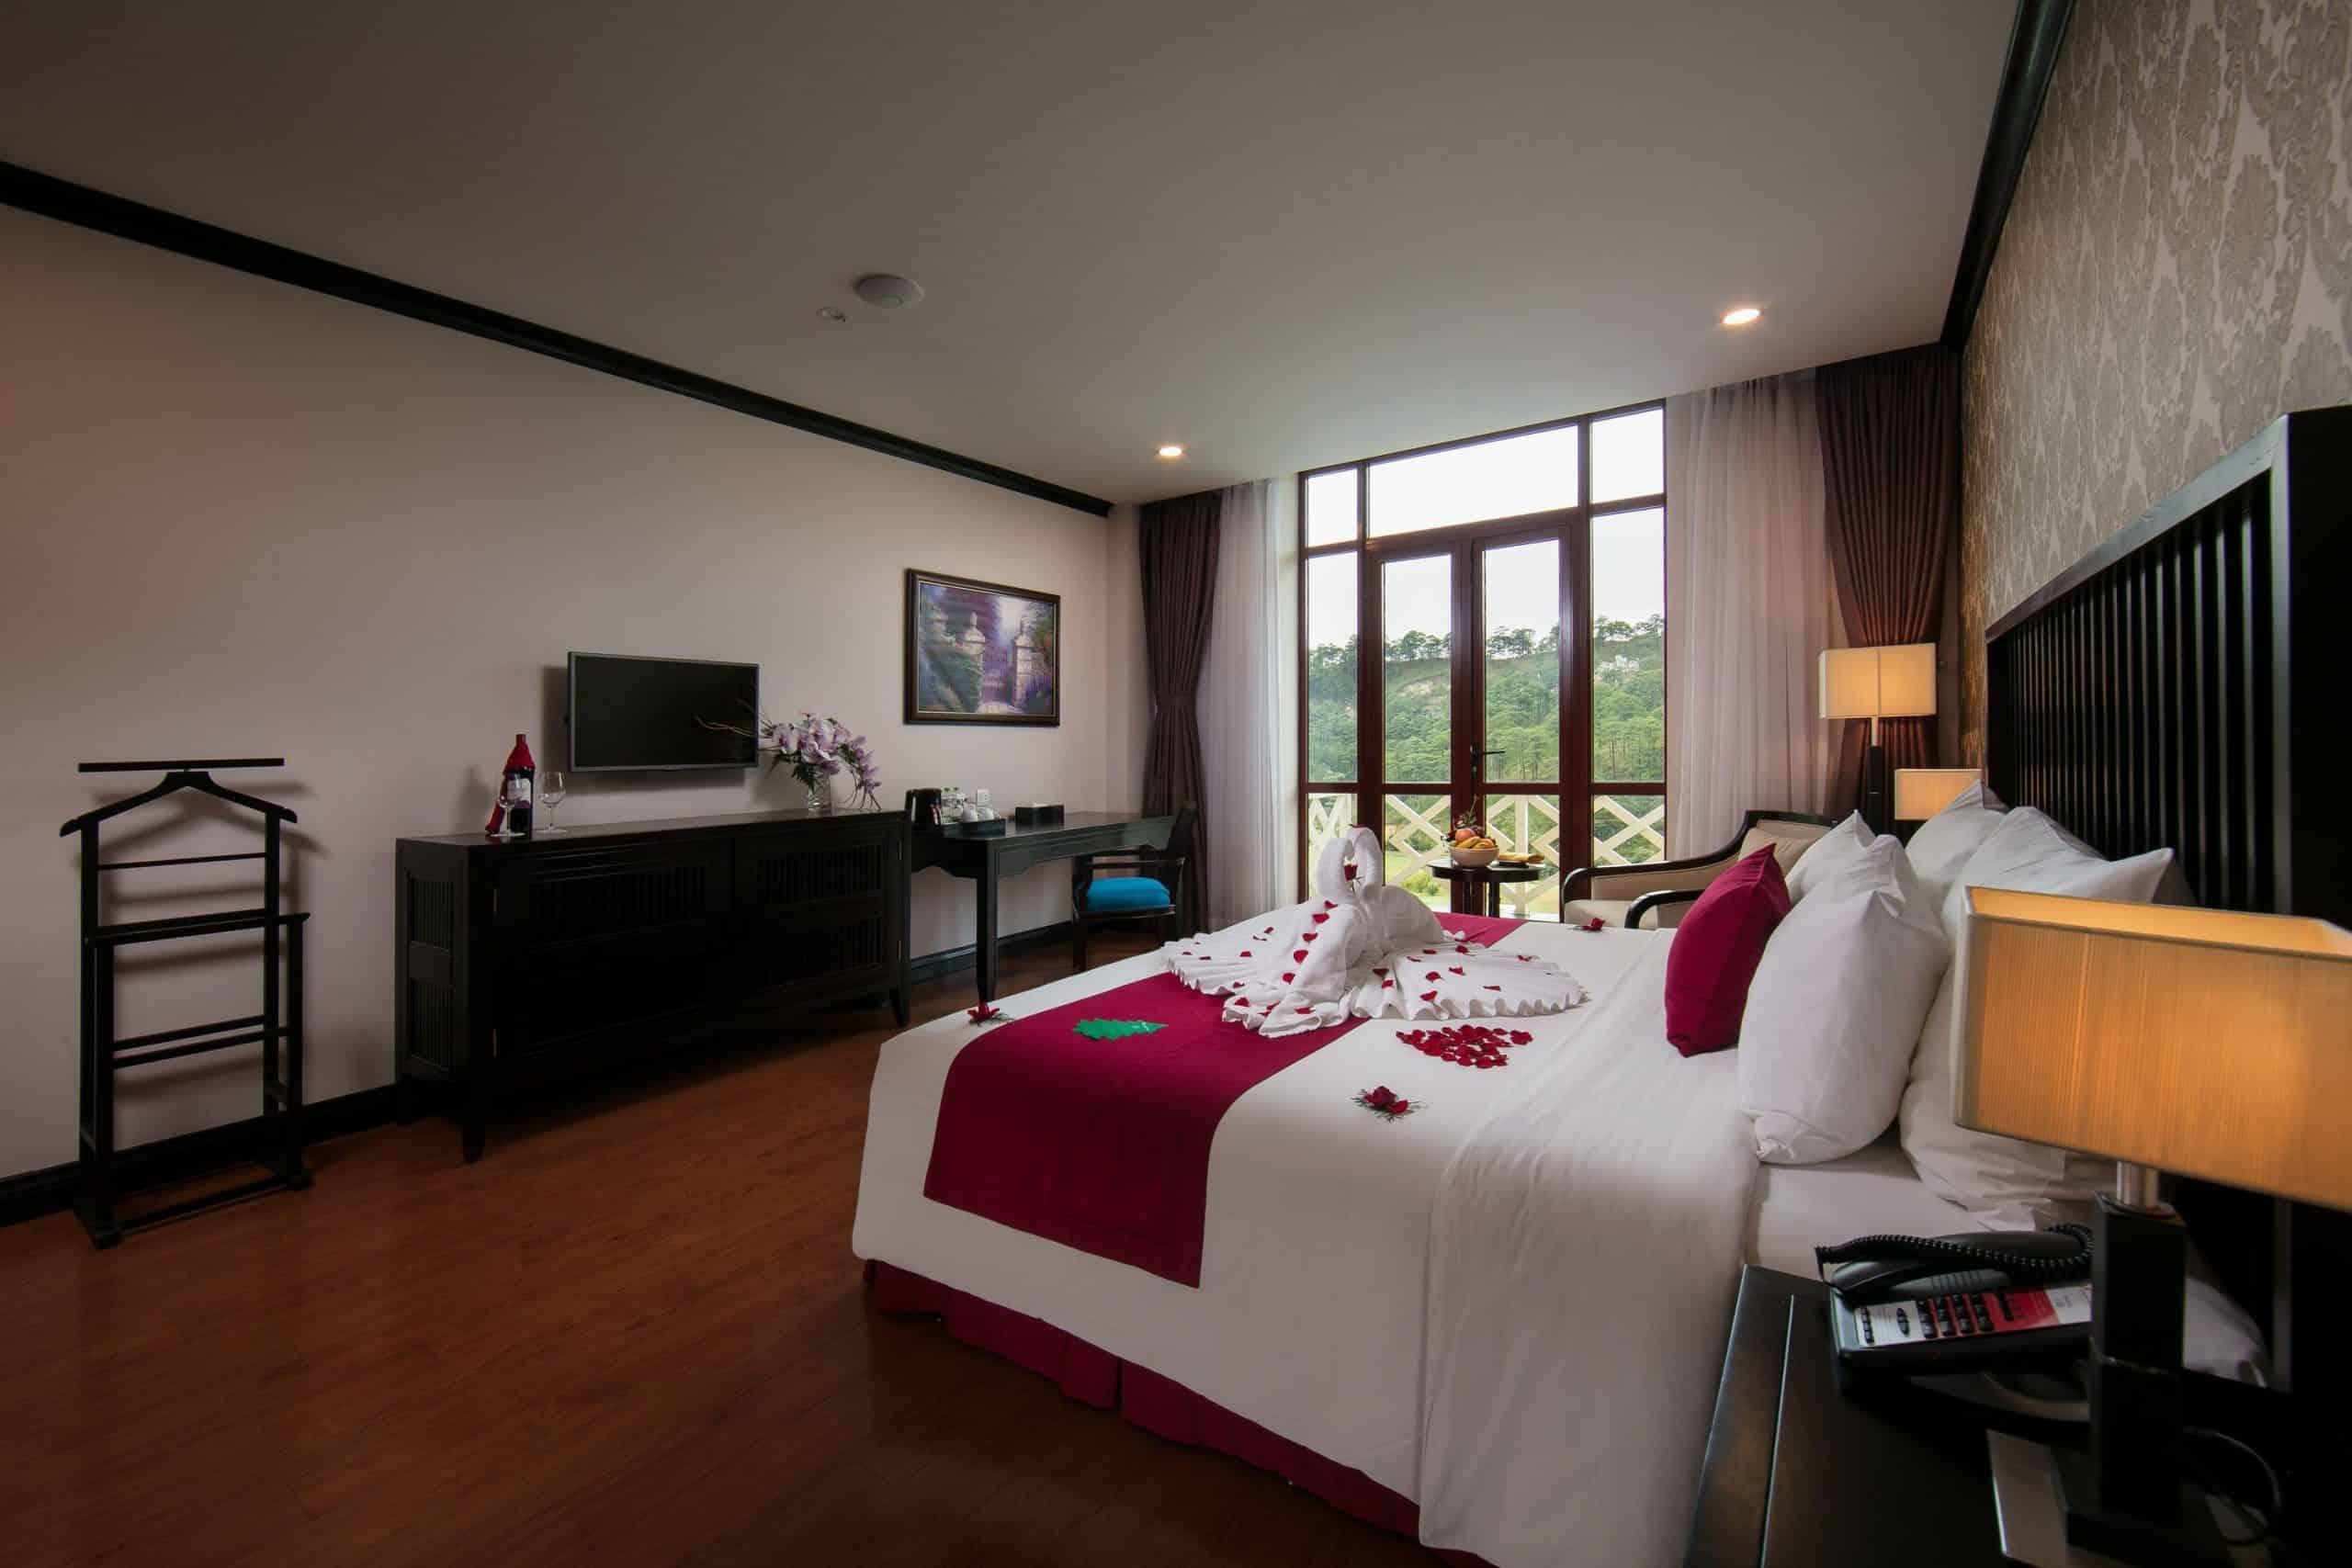 Cửa sổ rộng giúp du khách tận hưởng không khí trong lành của cao nguyên